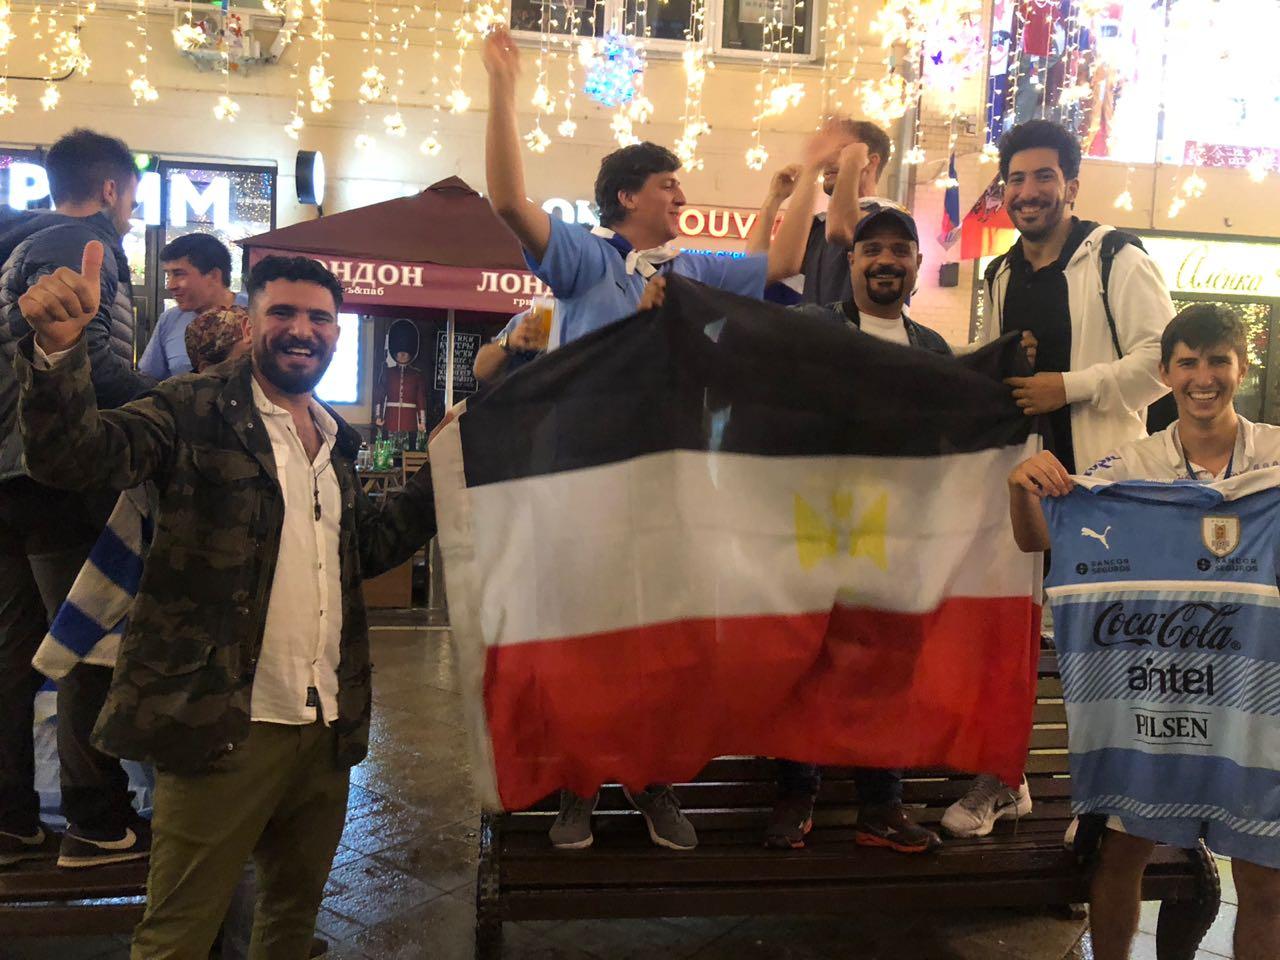 جانب من احتفالات المصريين فى ورسيا قبل انطلاق المونديال